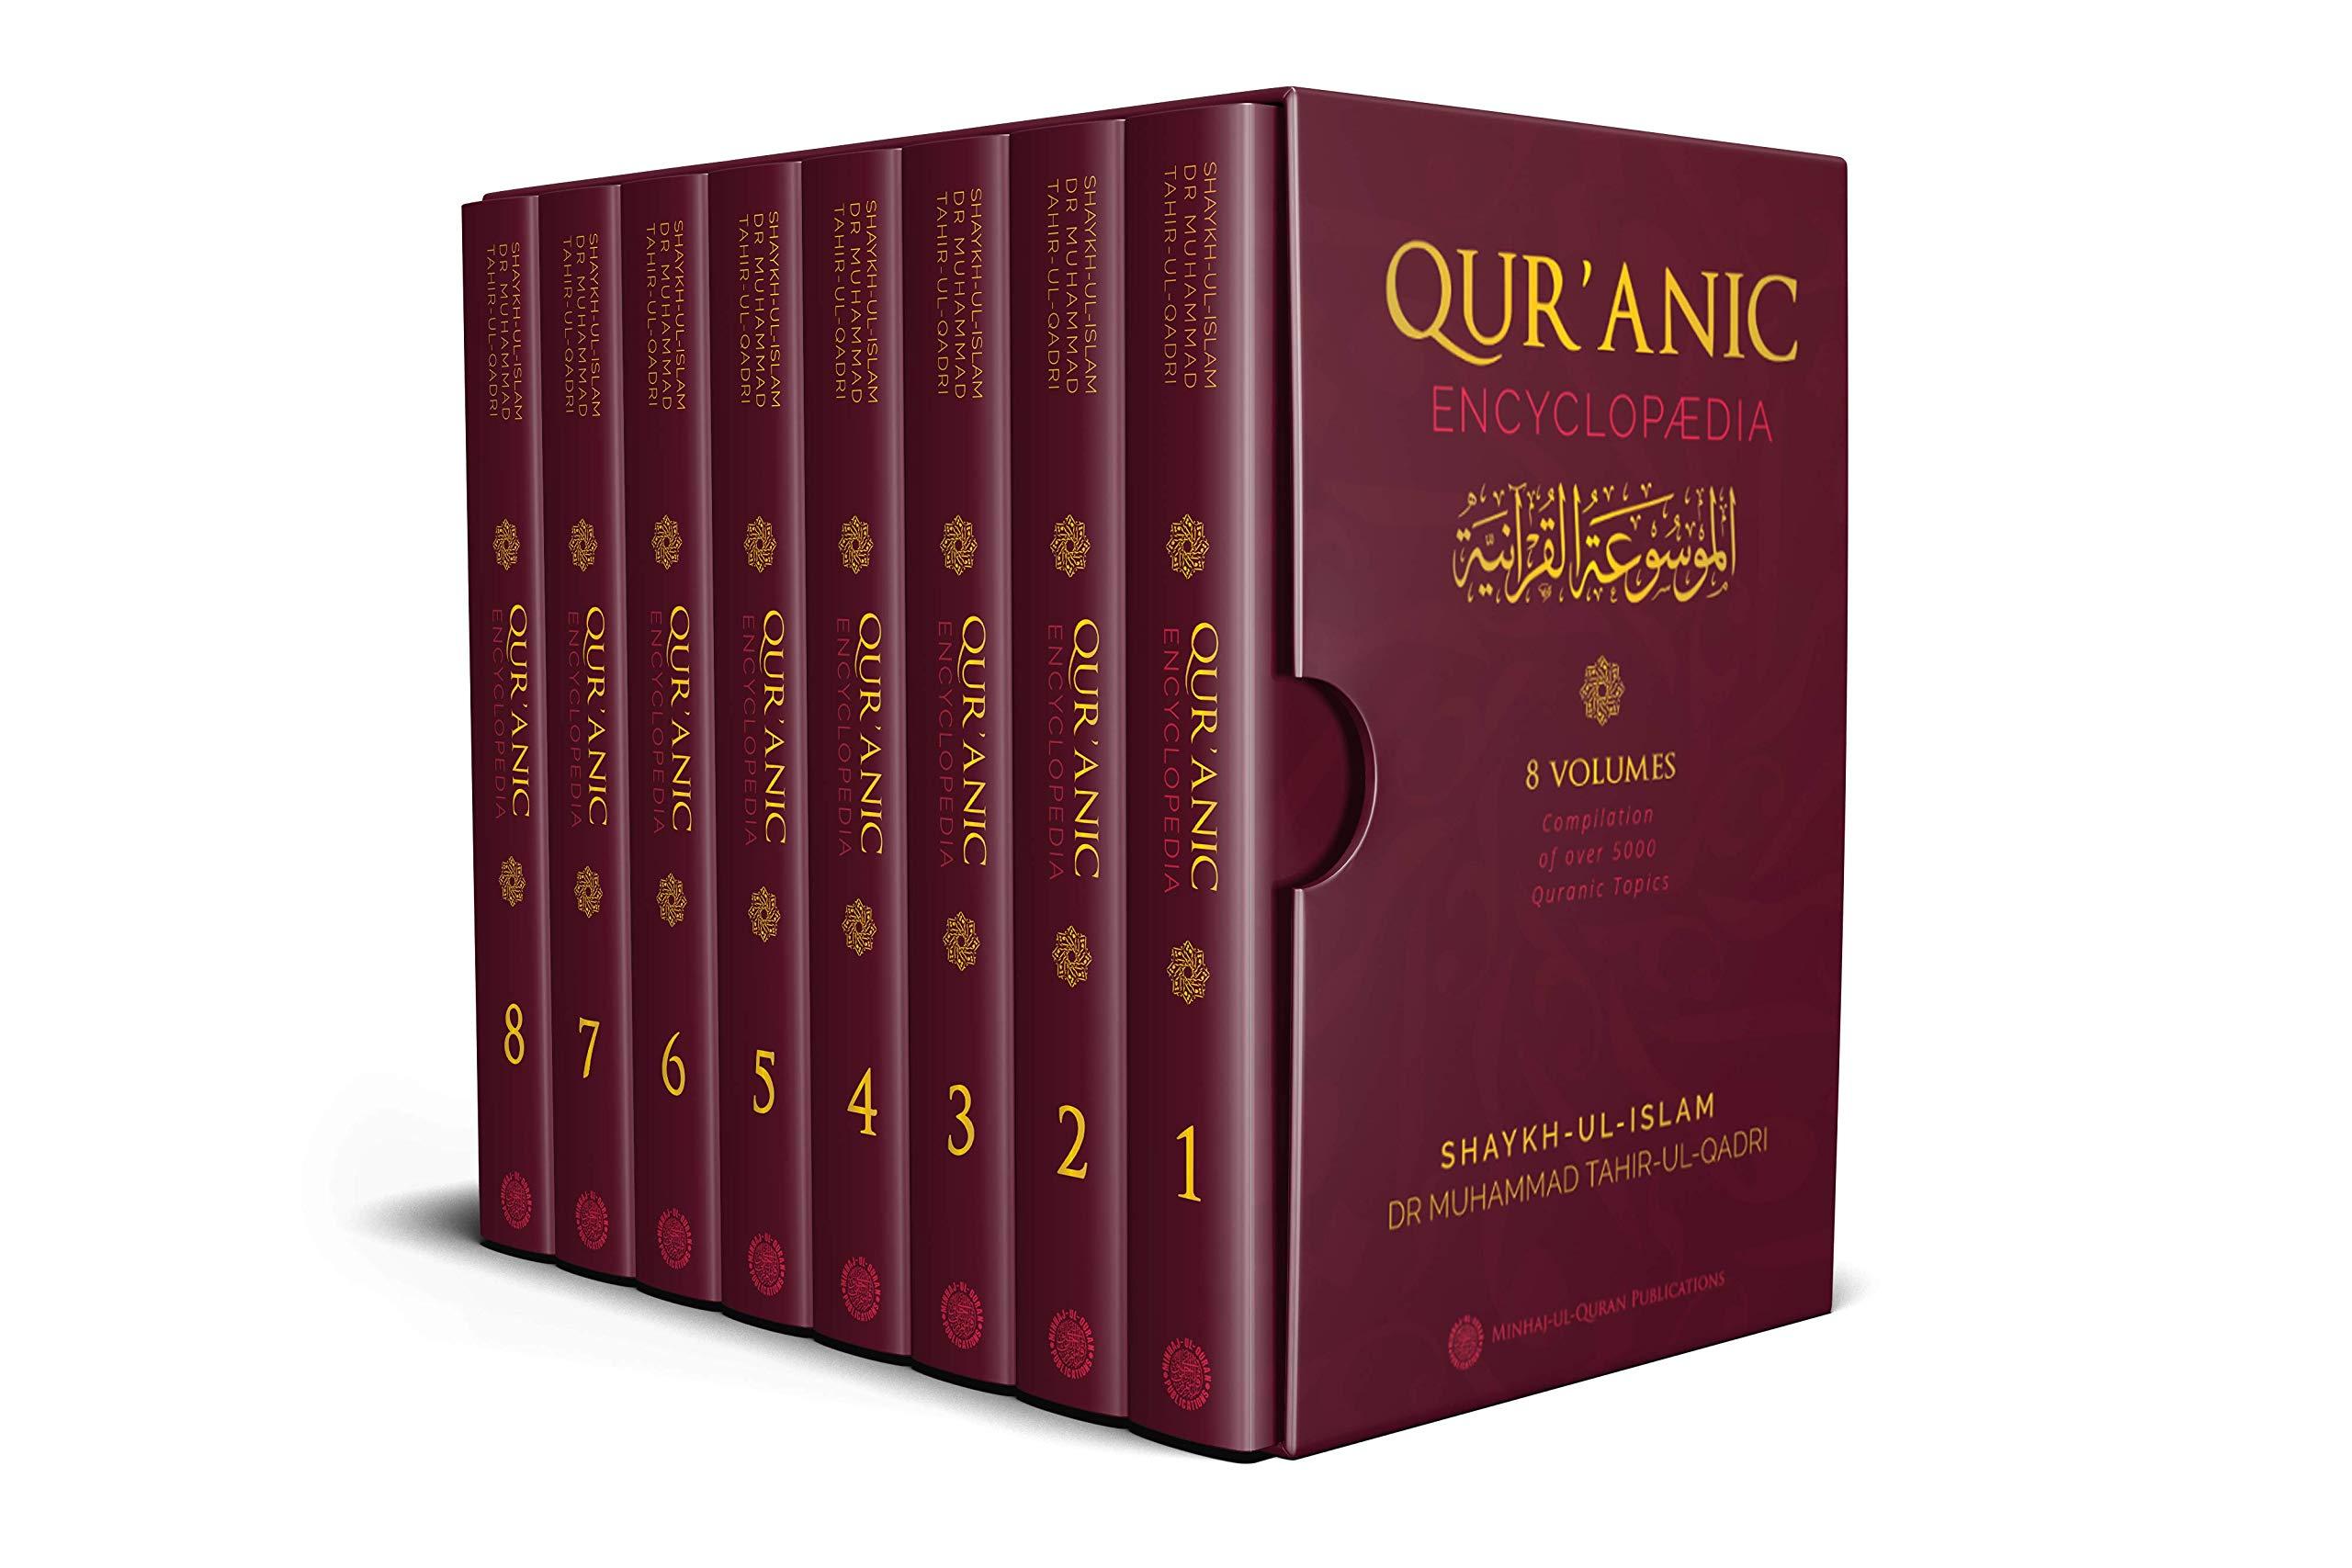 Qur'anic Encyclopaedia 8 Volumes (English): Dr. Muhammad Tahir-ul-Qadri:  Amazon.com: Books